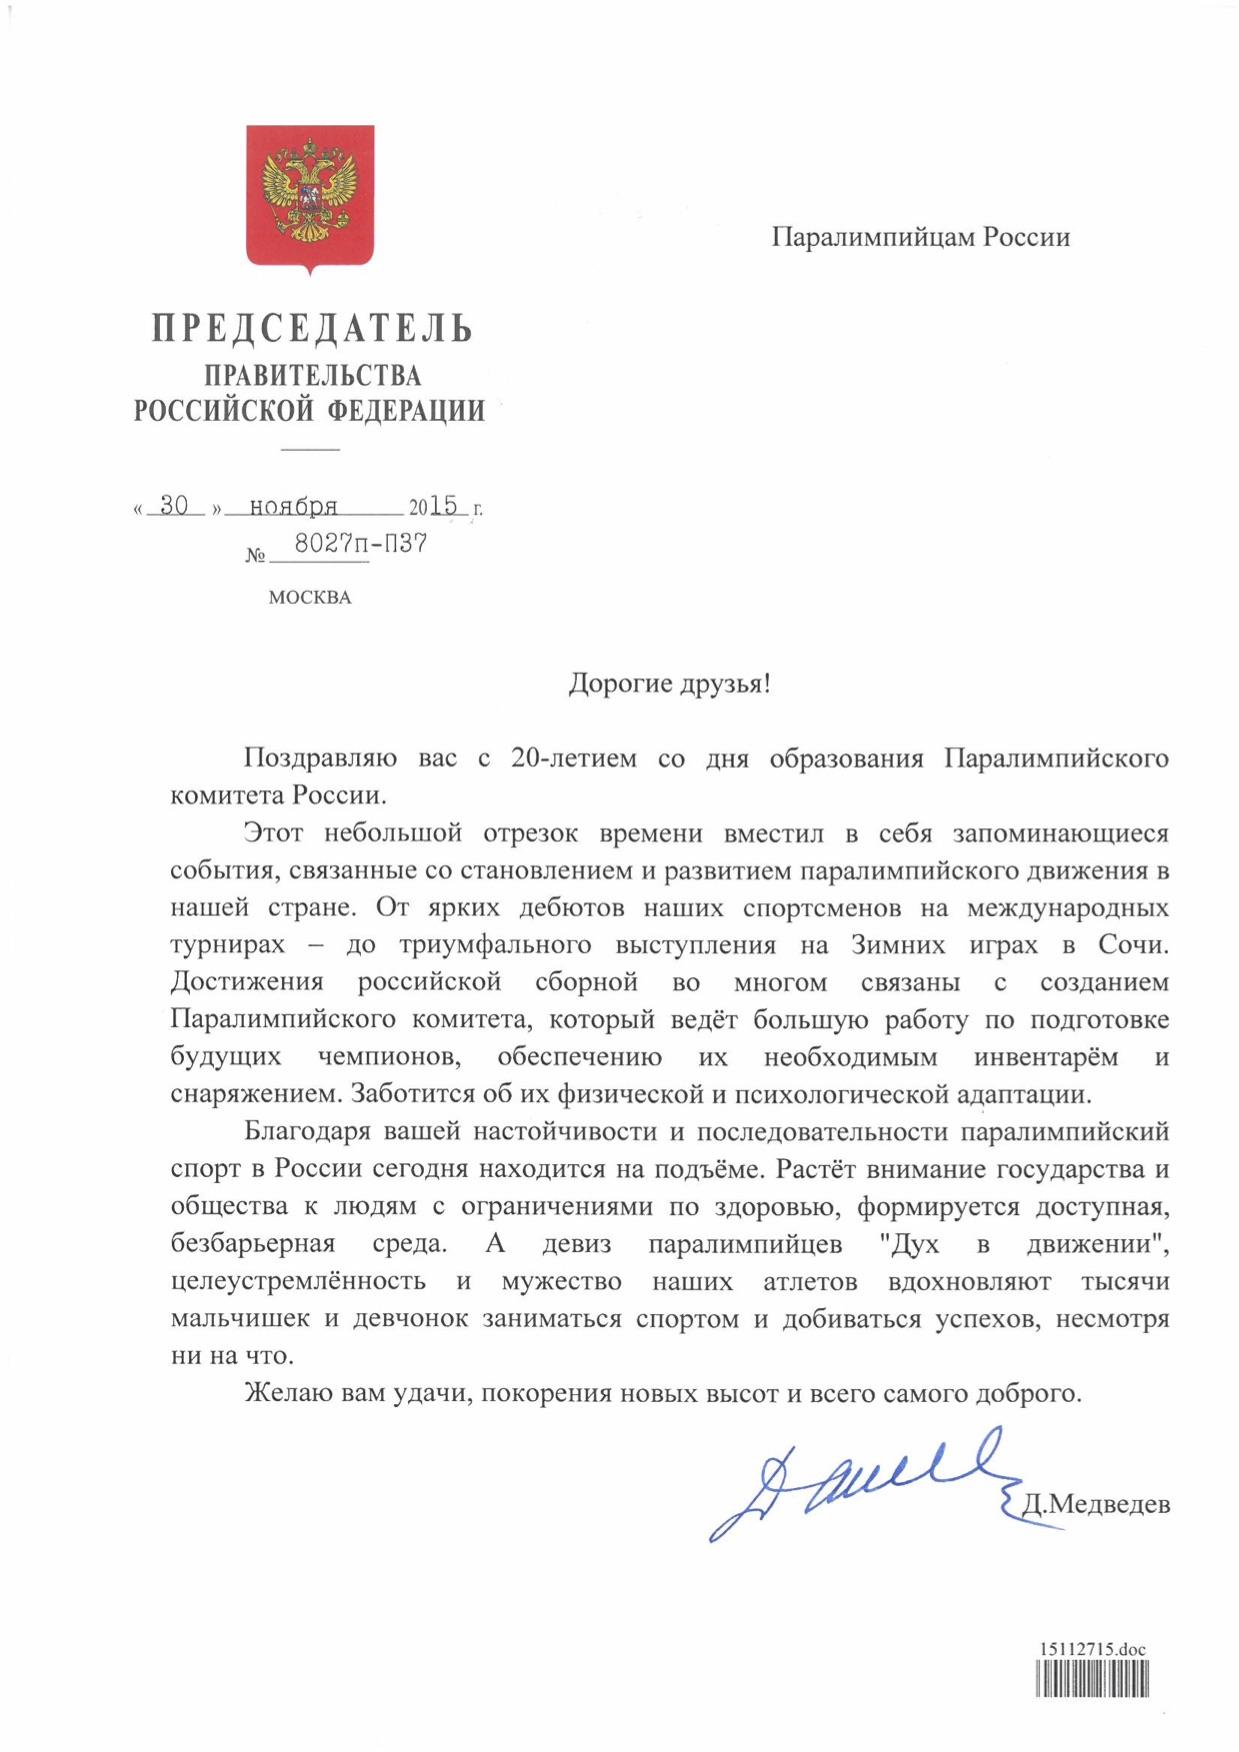 Председатель Правительства Российской Федерации Дмитрий Медведев поздравил Паралимпийский комитет России с 20-летием